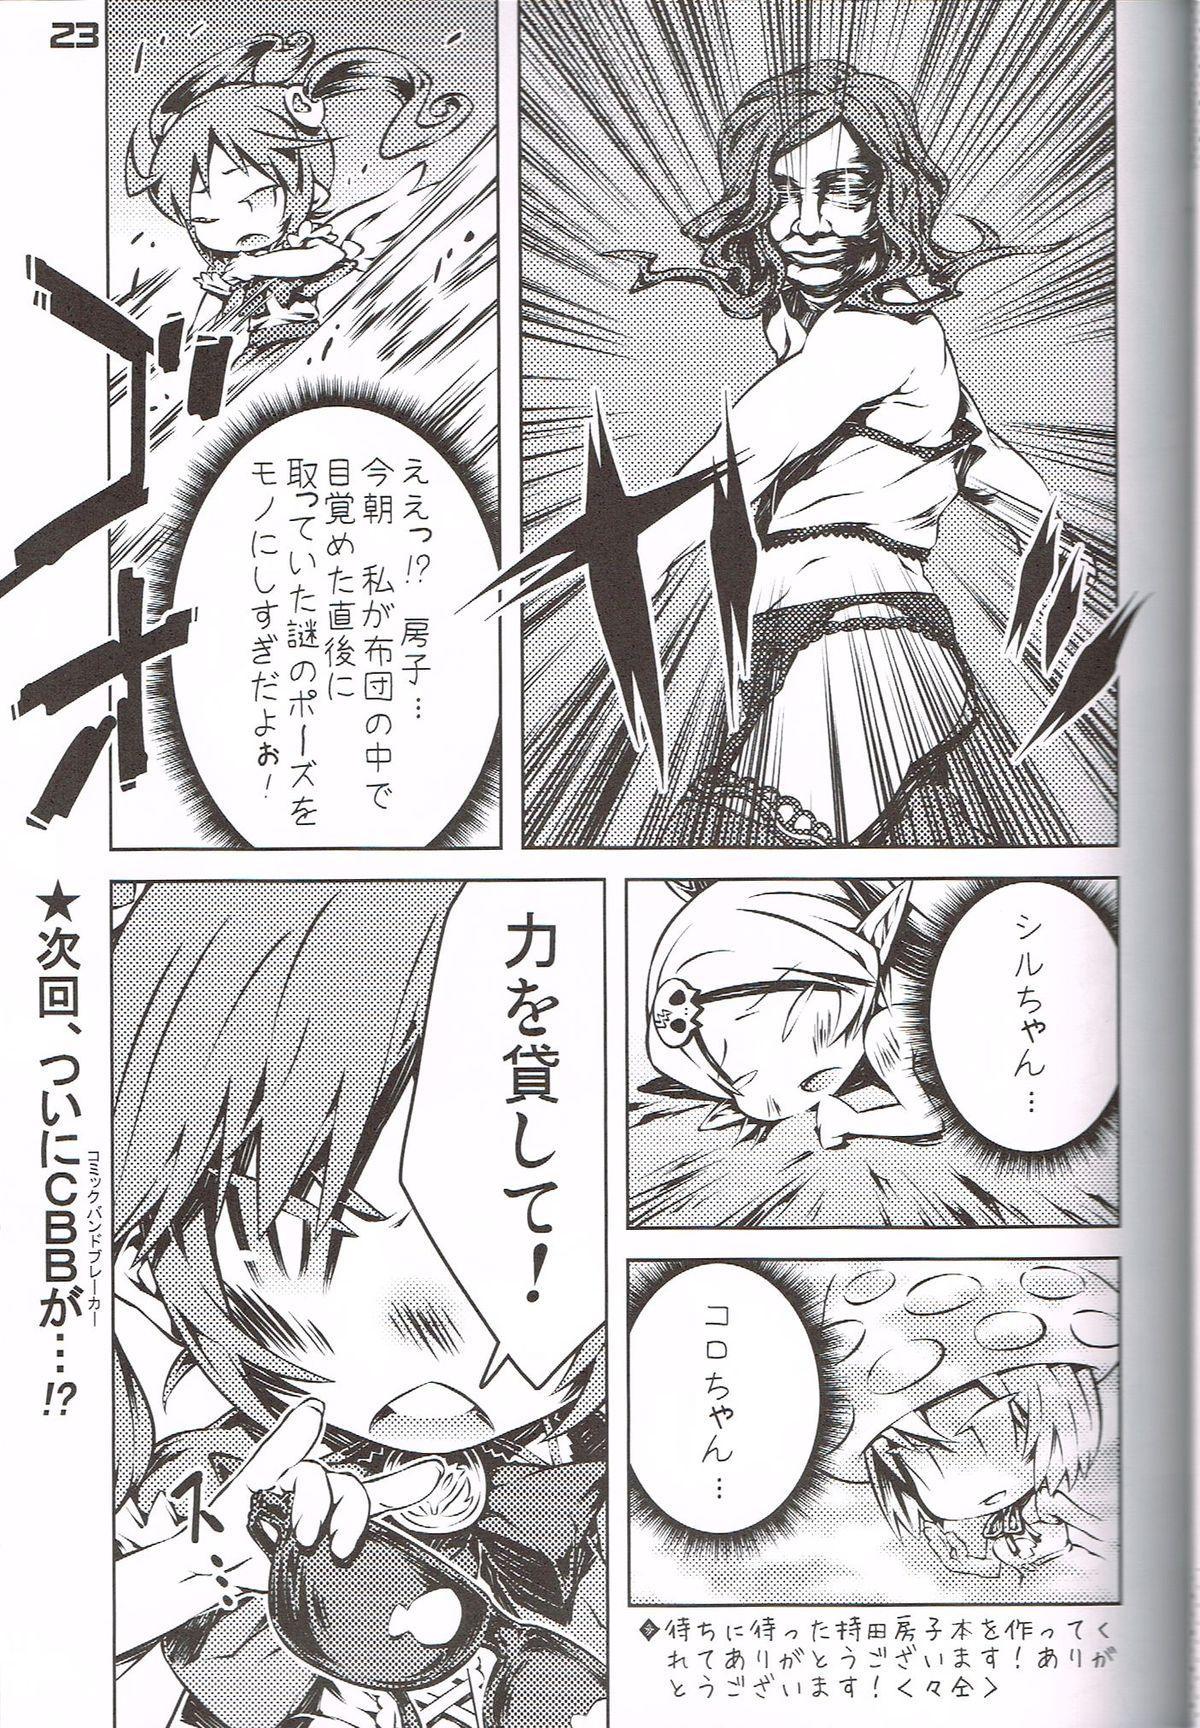 """Hatashite Konofuyu Nansatsu no Doujinshi ga """"○○ Fairies"""" Toiu Title Darouka 21"""